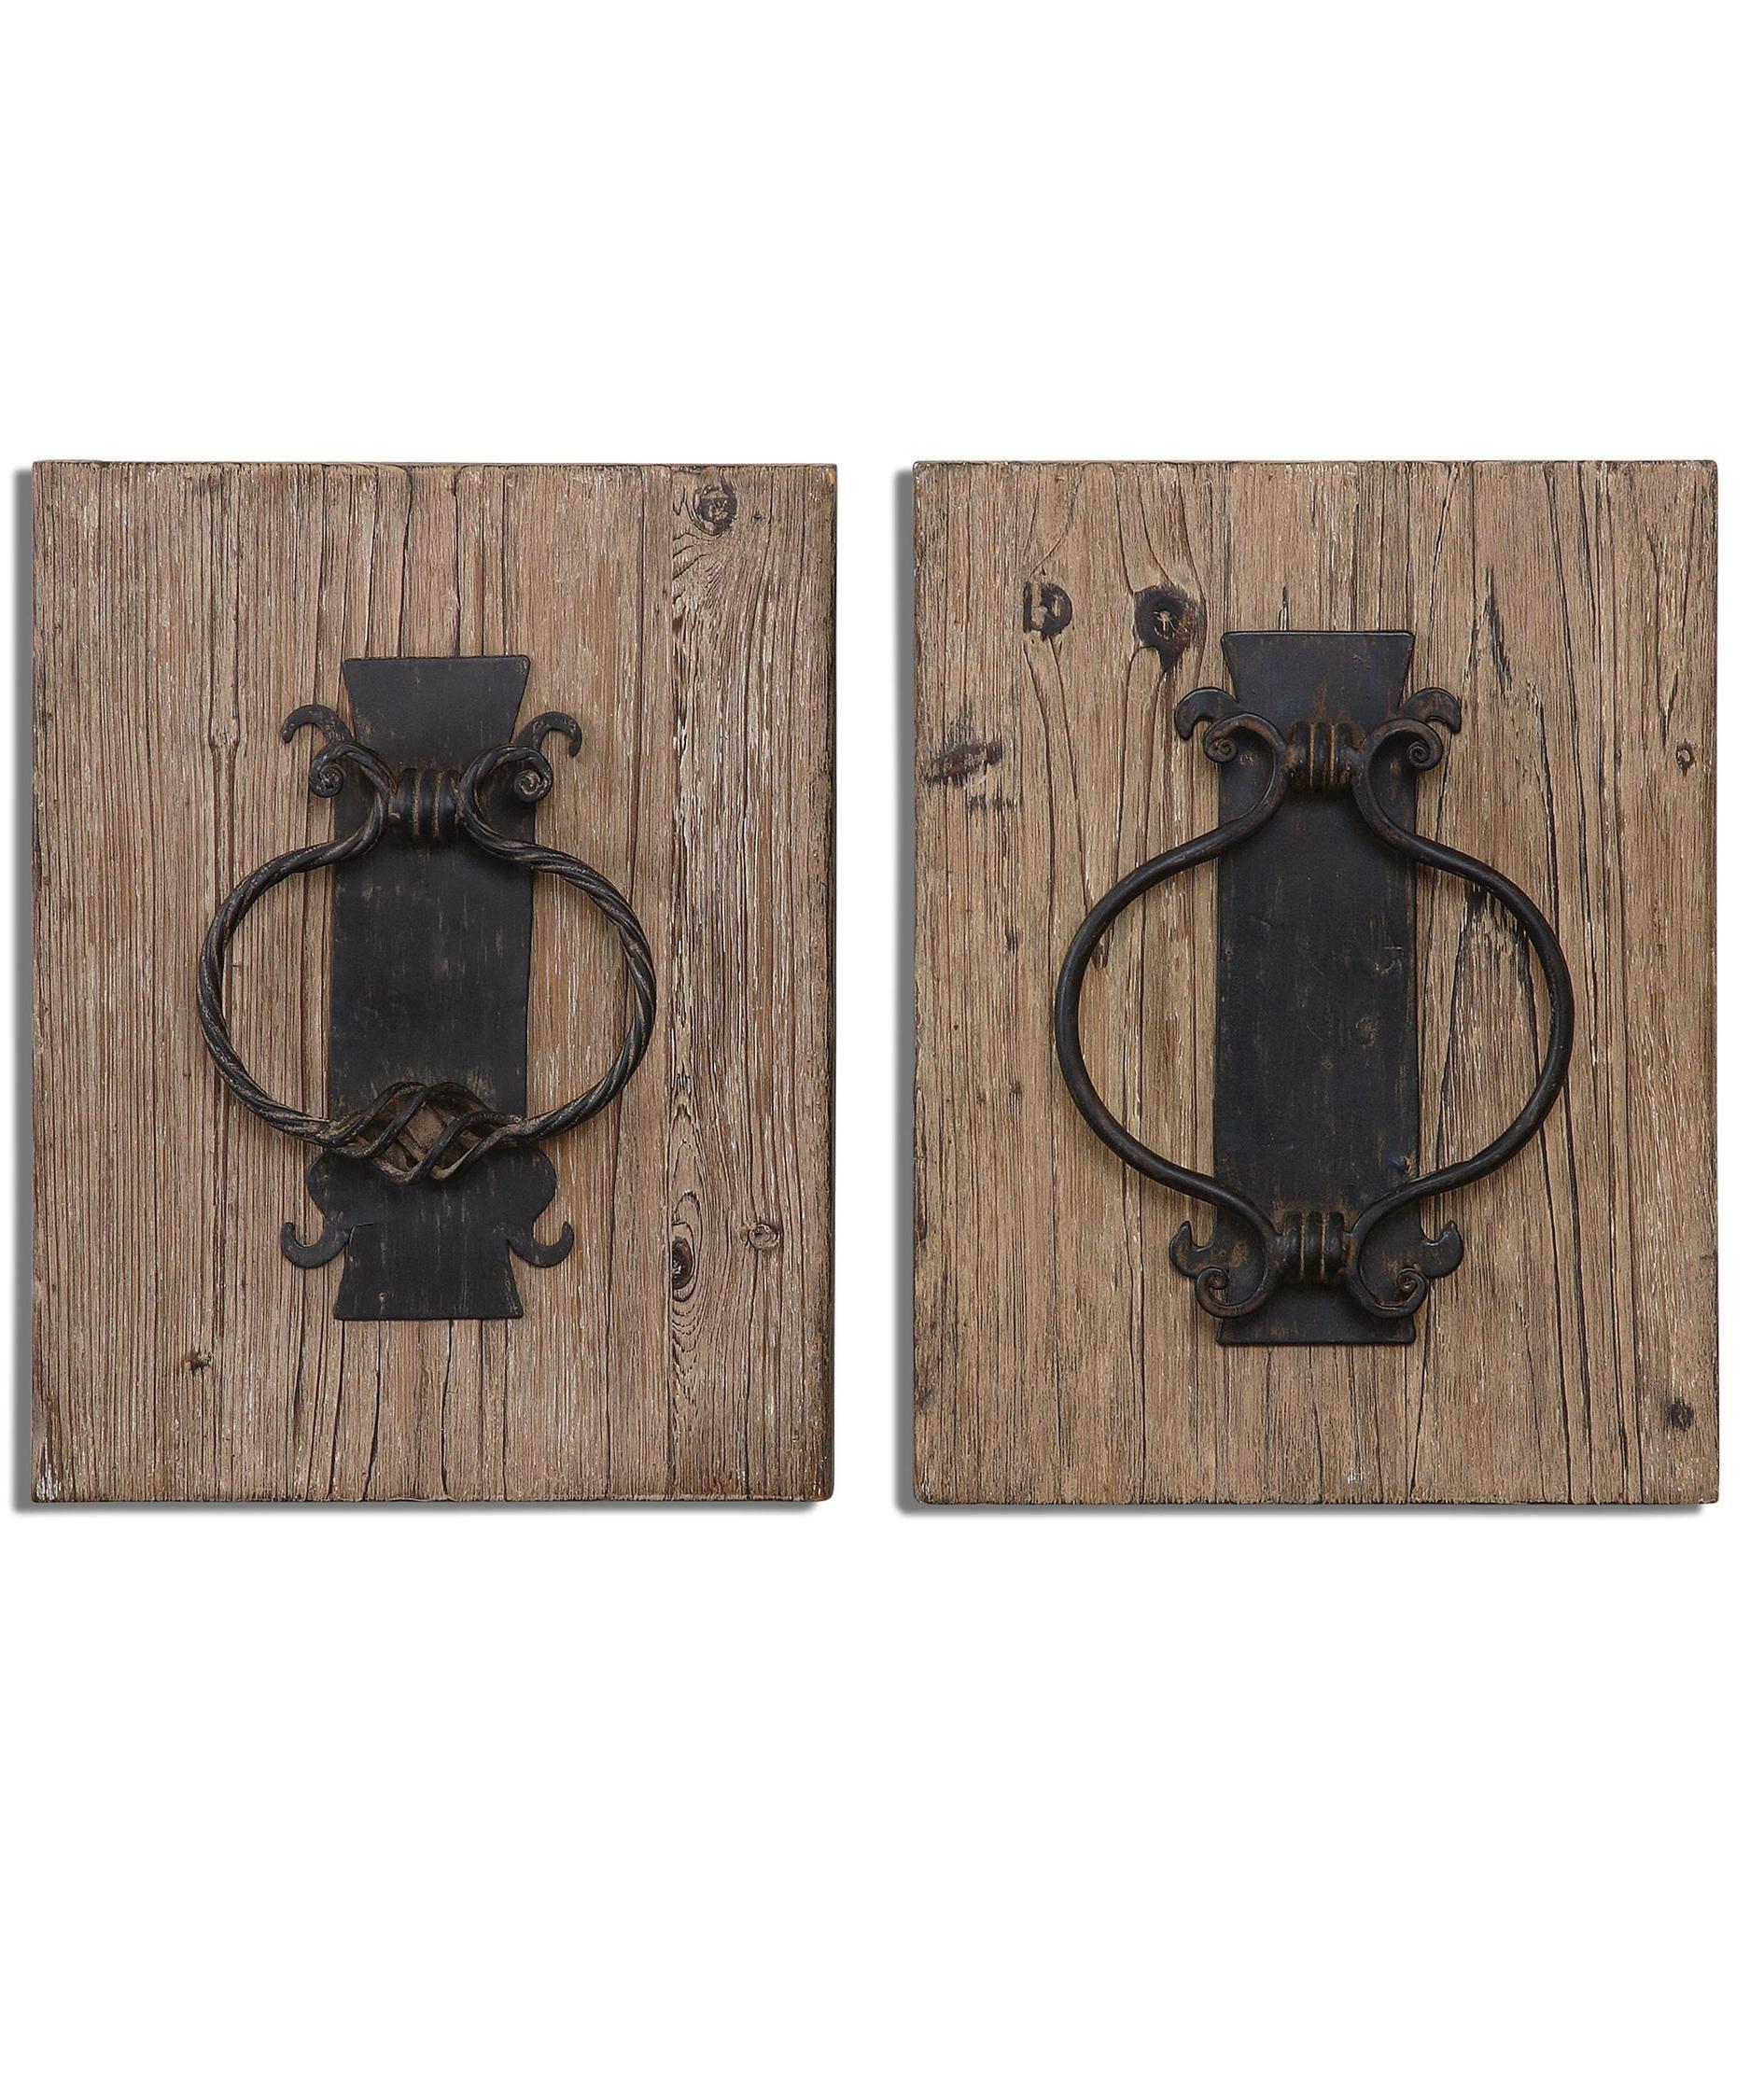 Rustic door knockers